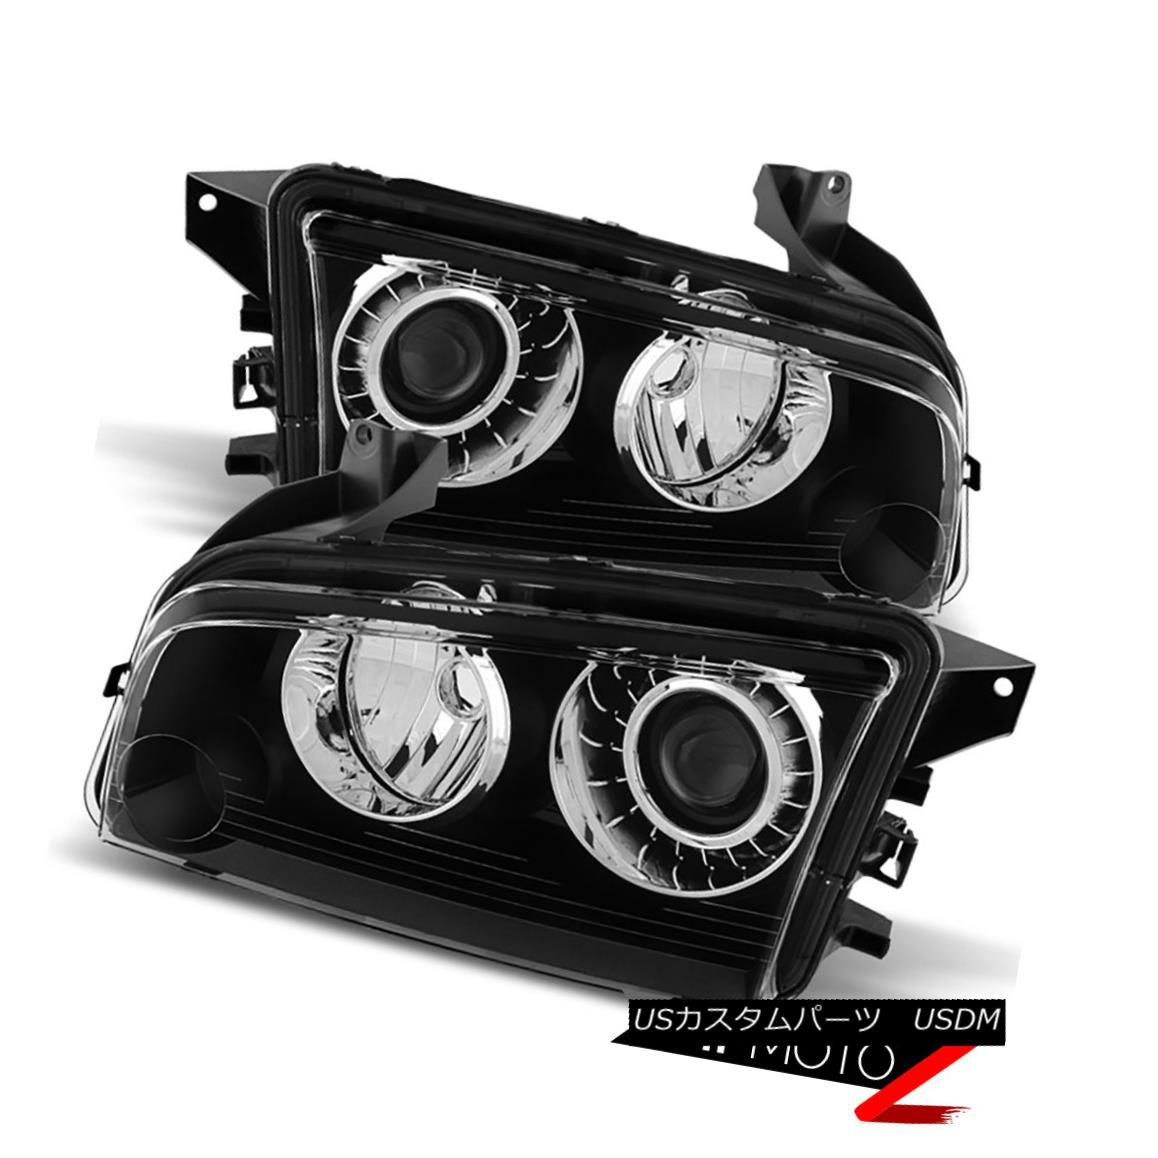 ヘッドライト 2008-2009-2010 Dodge Charger [FACTORY HID MODEL] D1S Black Headlights Assembly 2008-2009-2010 Dodge Charger [FACTORY HID MODEL] D1Sブラックヘッドライトアセンブリ